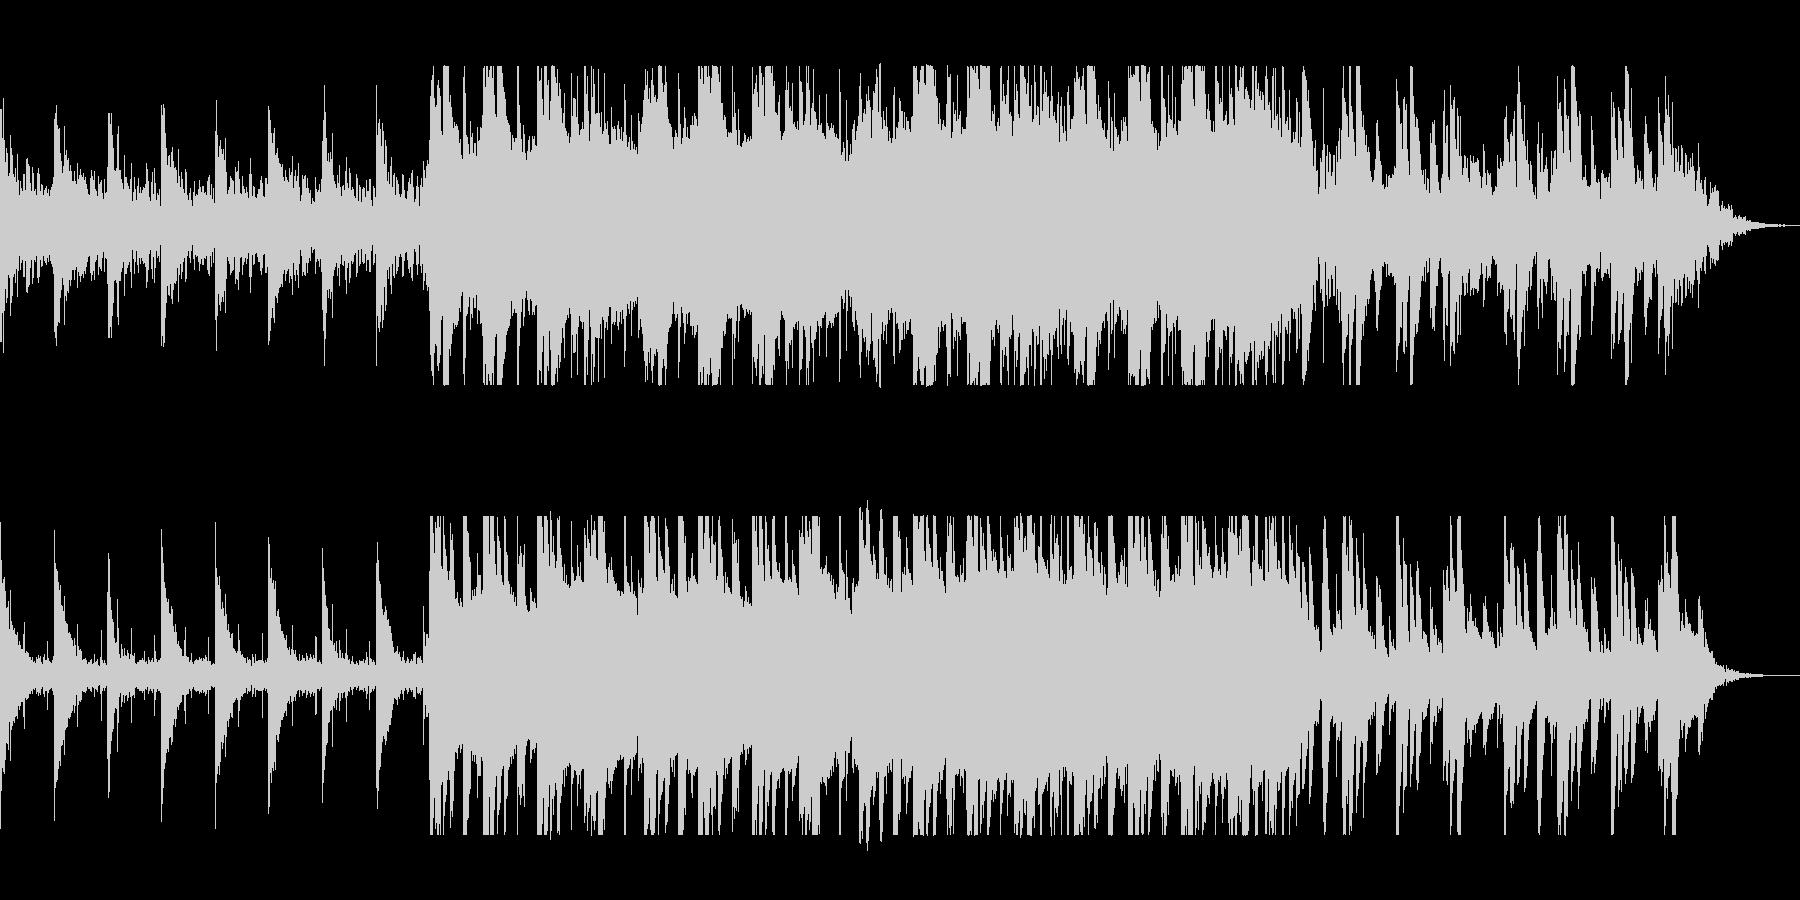 神秘的でゆったりしたピアノシンセサウンドの未再生の波形